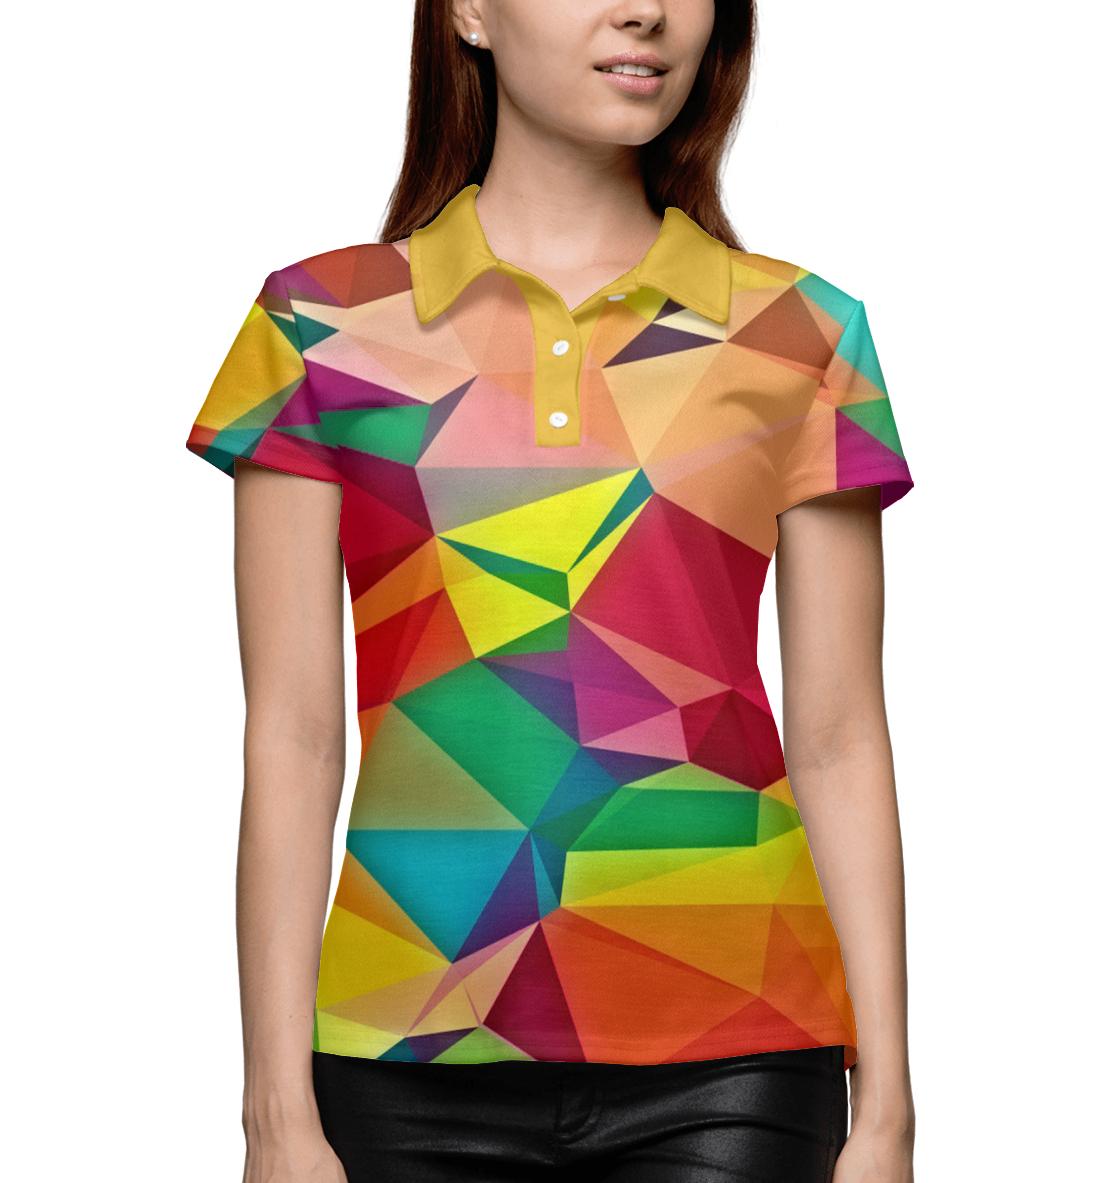 Купить Цветная абстракция, Printbar, Поло, ABS-277635-pol-1